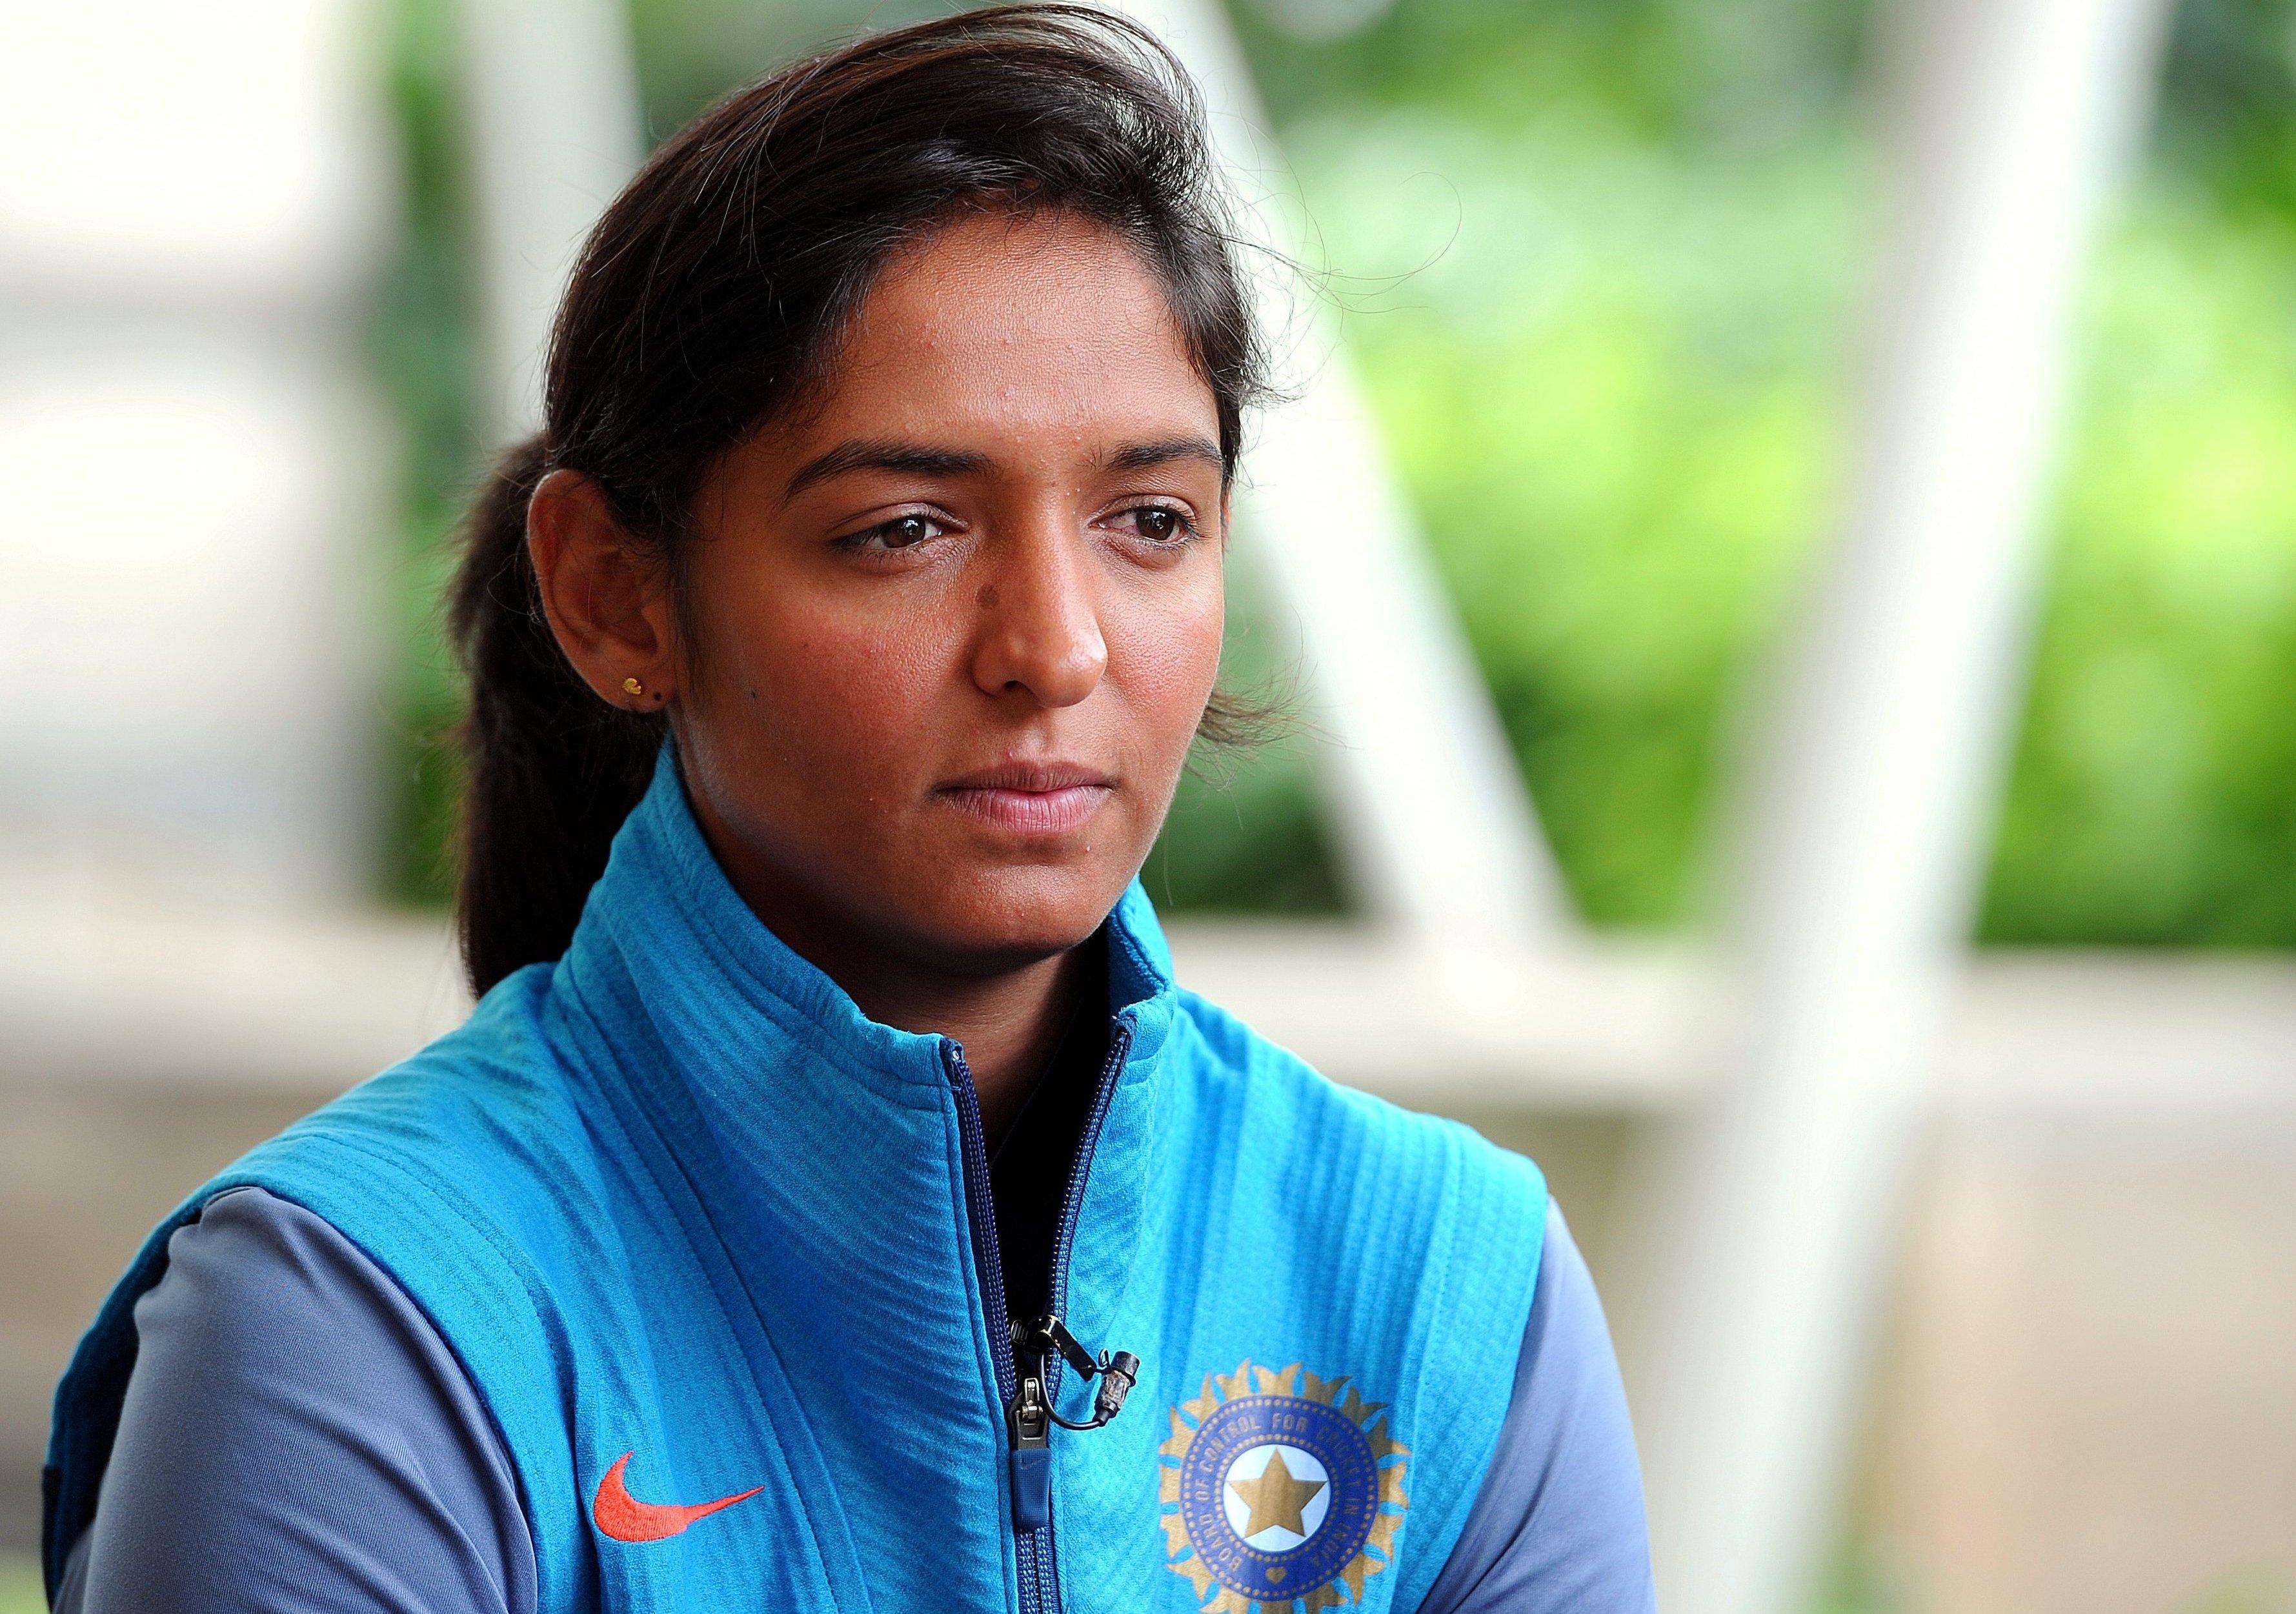 सचिन को नहीं, बल्कि बचपन से इस भारतीय खिलाड़ी को अपना आदर्श मानती हैं हरमनप्रीत कौर